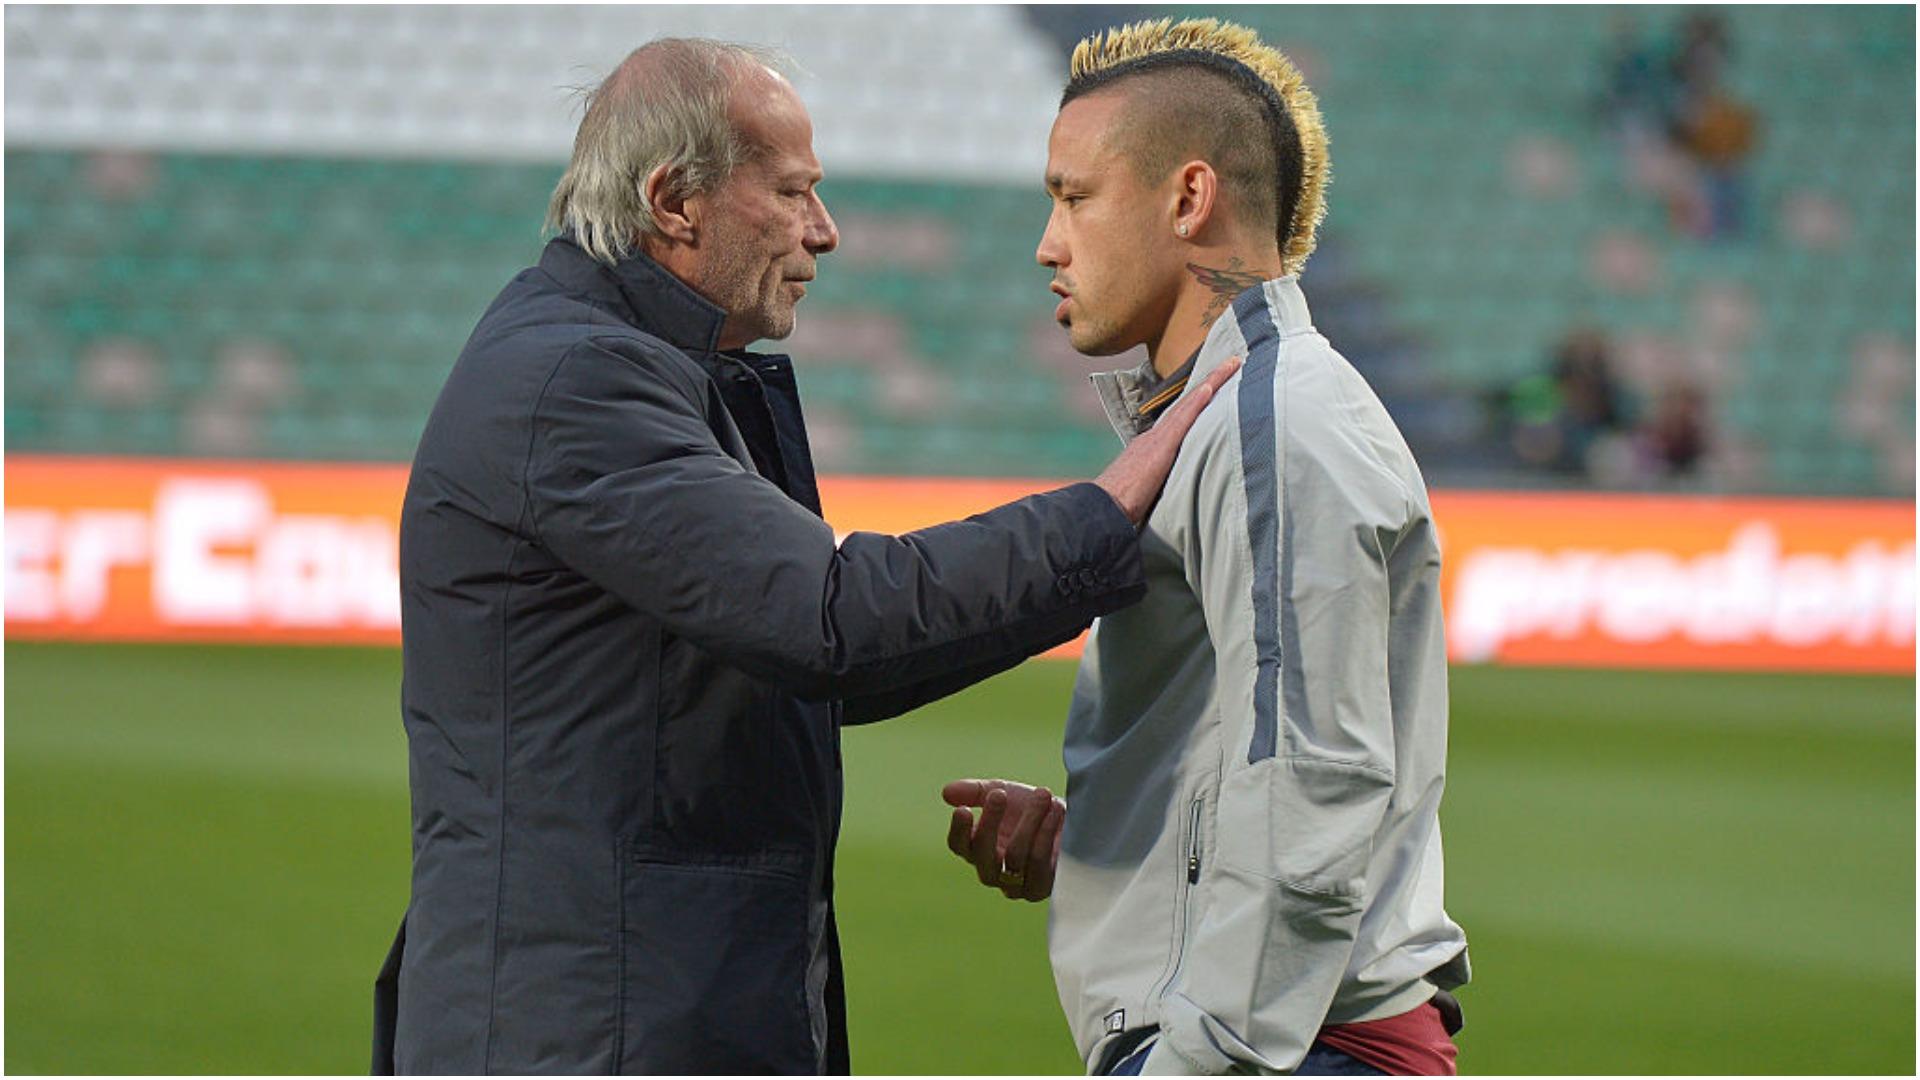 Sabatini: Allegri më i mirë se Guardiola! CR7 të qëndrojë, Serie A Meka e futbollit